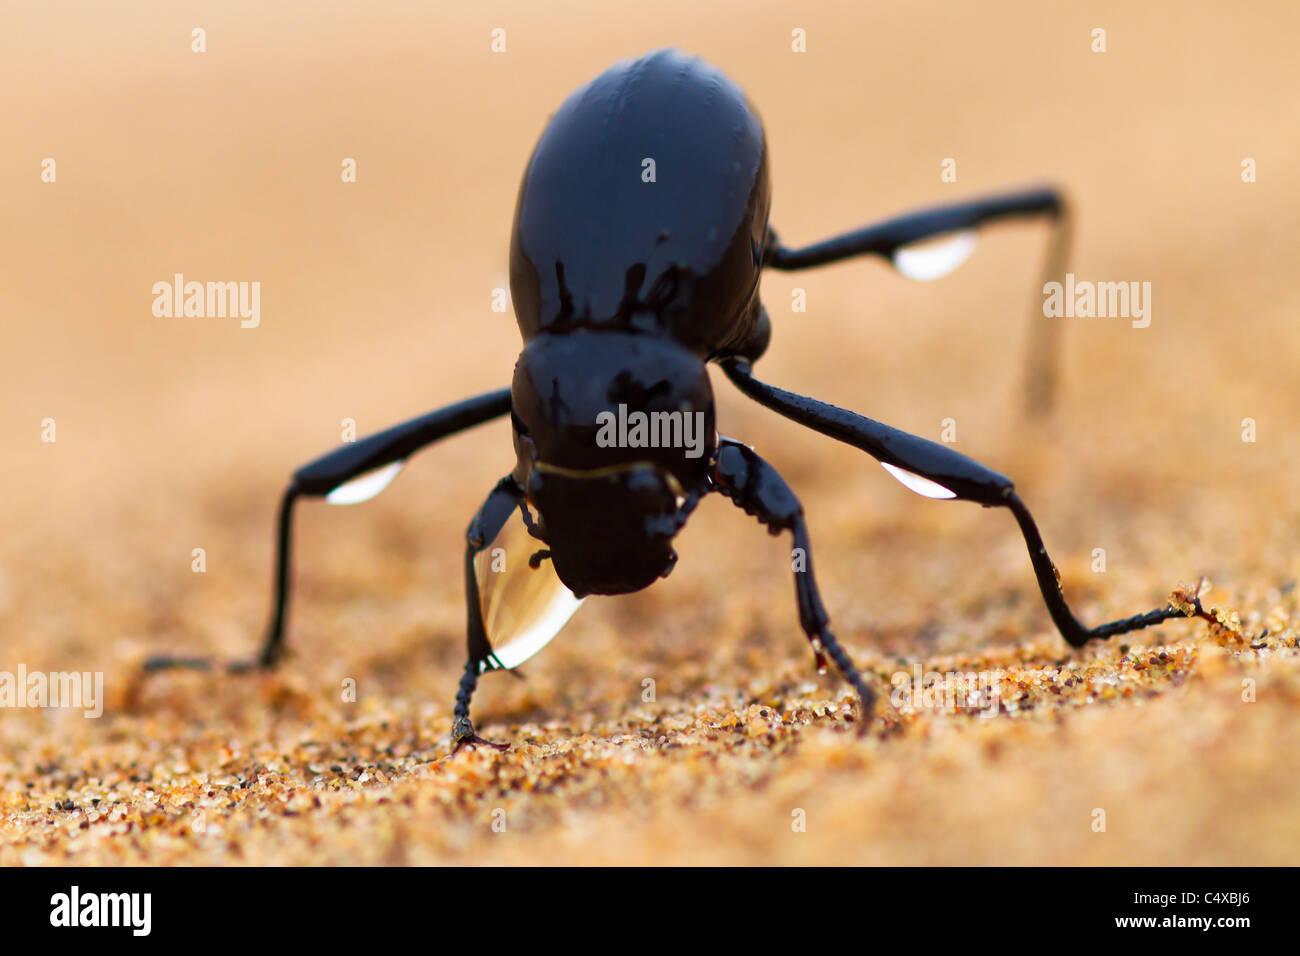 The Namib Desert beetle (genus Stenocara) fog basking. Namibia - Stock Image